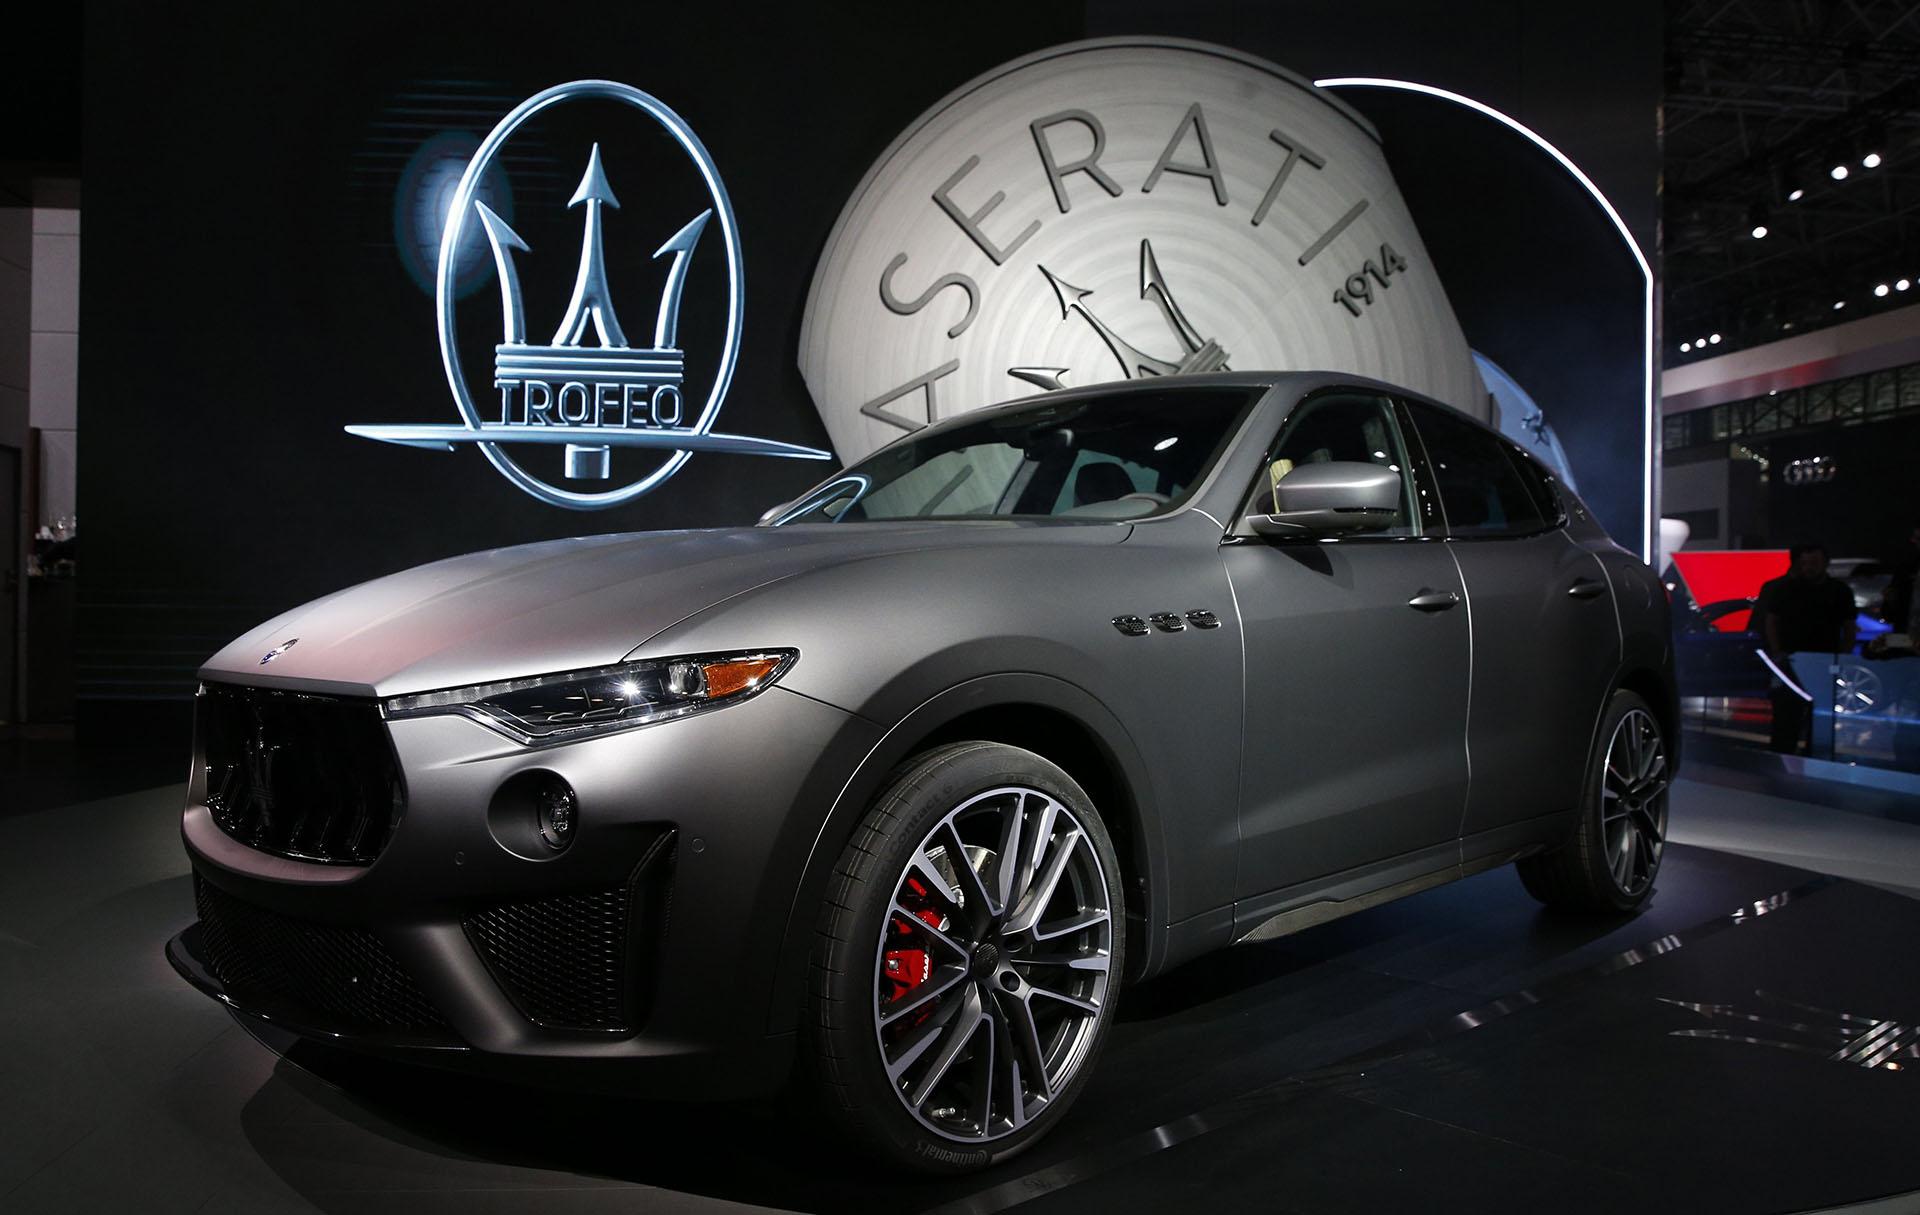 Maserati Levante Trofeo: uno de los lanzamientos más extraordinarios del Autoshow de NY. Es el modelo más potente de toda la gama SUV del tridente italiano. Eleva su potencia, su rendimiento y sus prestaciones para rivalizar con competidores del calibre del Porsche Cayenne y el Range Rover Sport